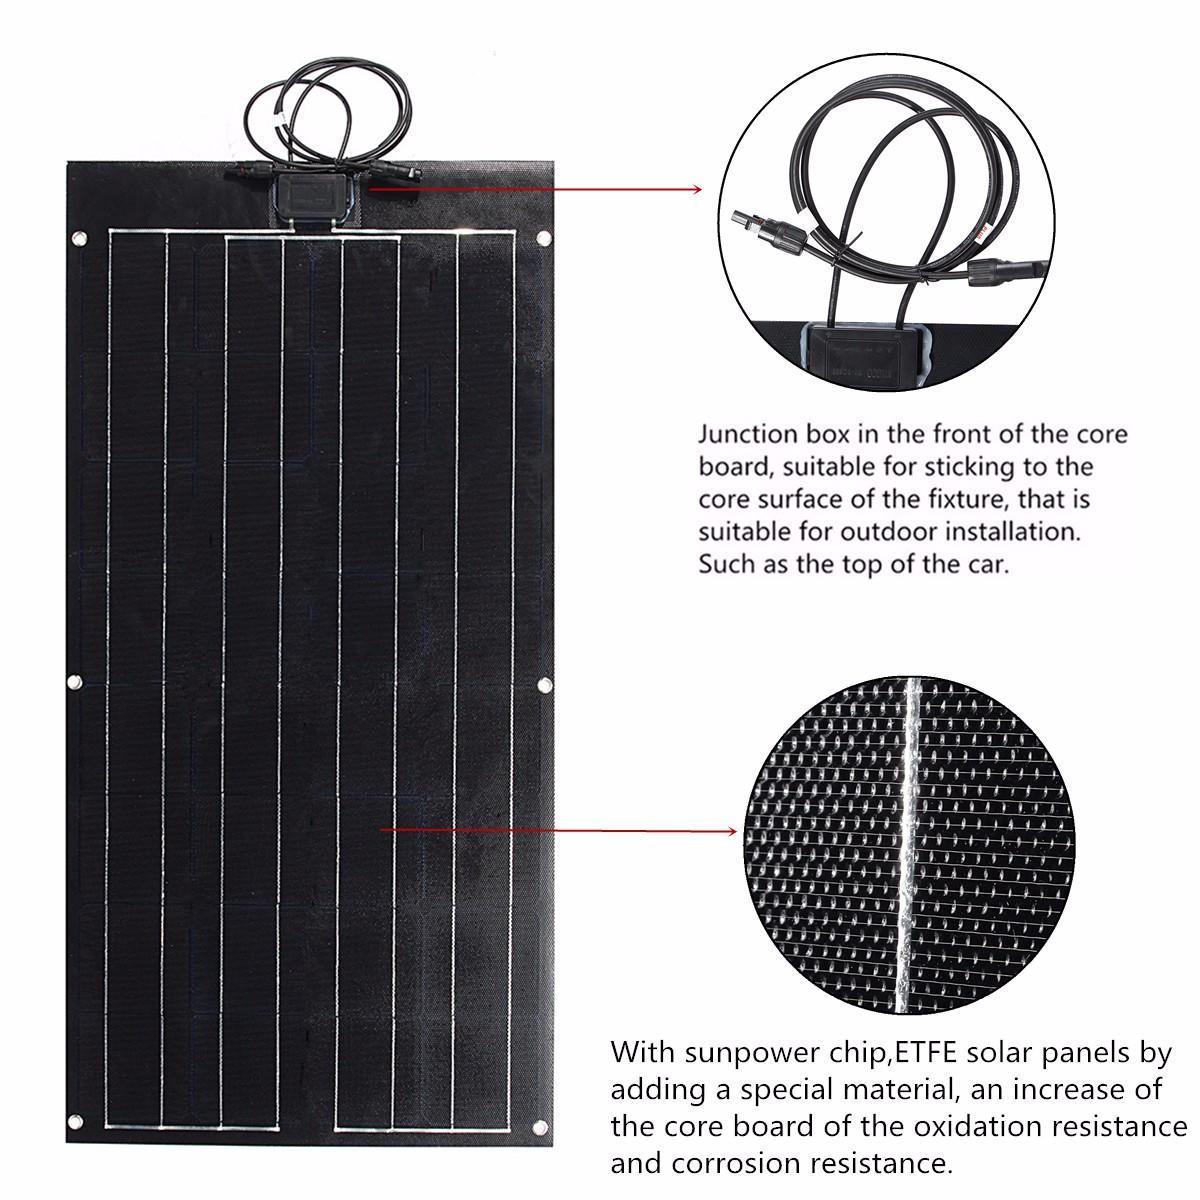 80W 12V 1020x530x2.5mm ETFT Flexible Light Solar Panel With Sun Power Chip Junction Box